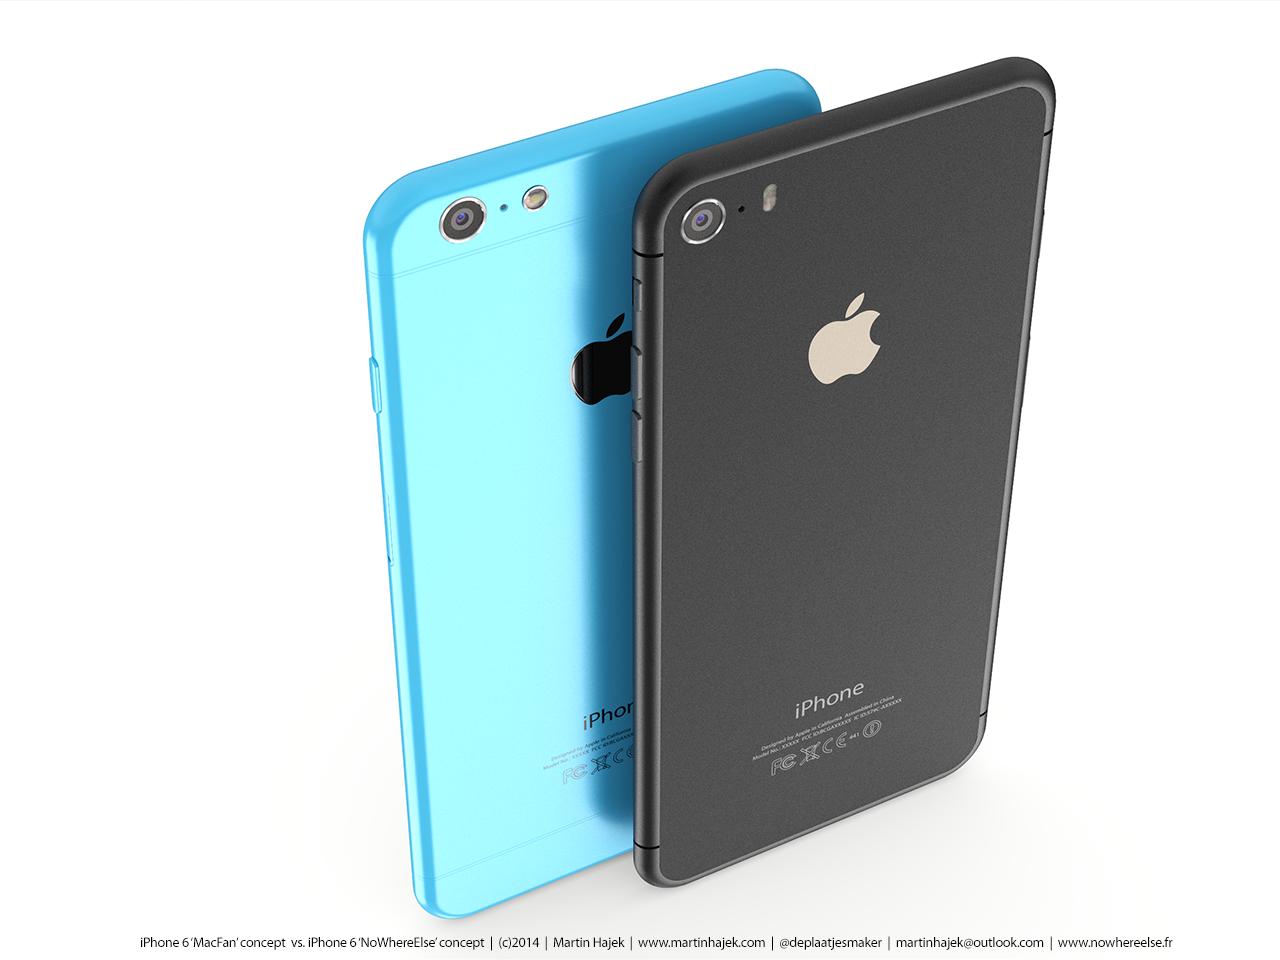 iPhone 2014 Konzept-Vergleich: iPhone 6s gegen iPhone 6c 1